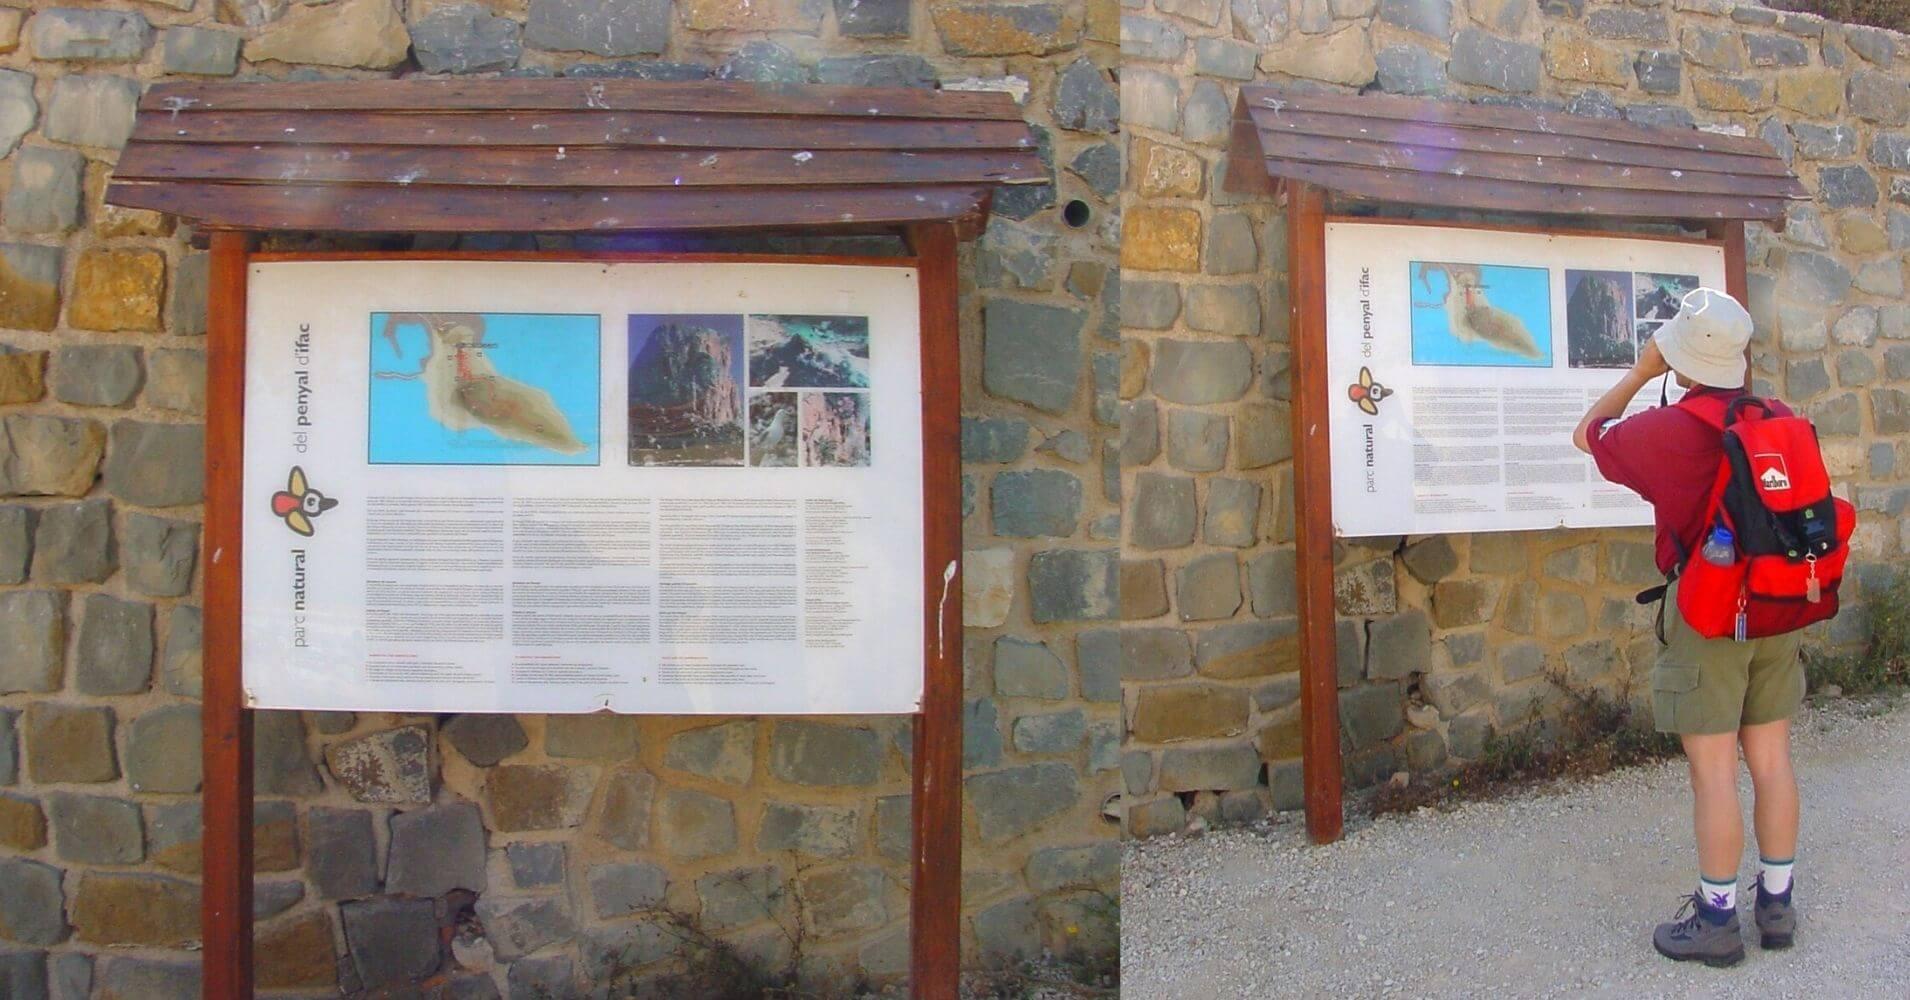 Parque Natural del Peñón de Ifach. Calpe, Alicante. Comunidad Valenciana.